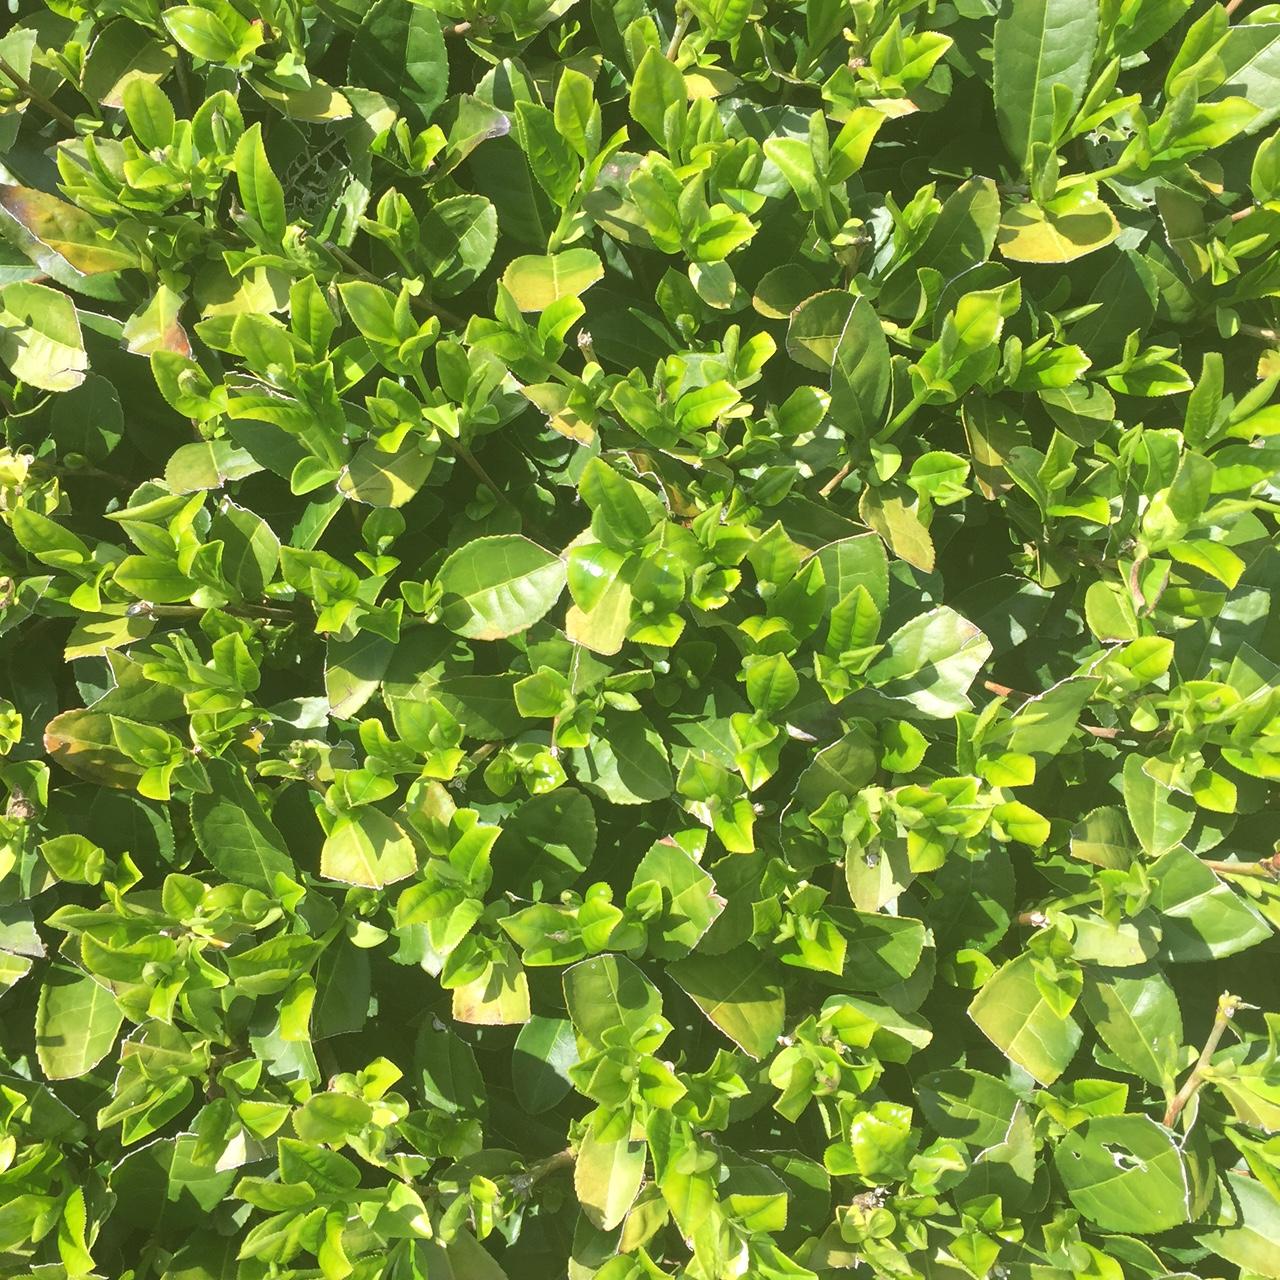 2017年4月13日かごしま緑茶の茶園風景です。品種はゆたかみどりです。小さな新芽がすくすく成長しています。